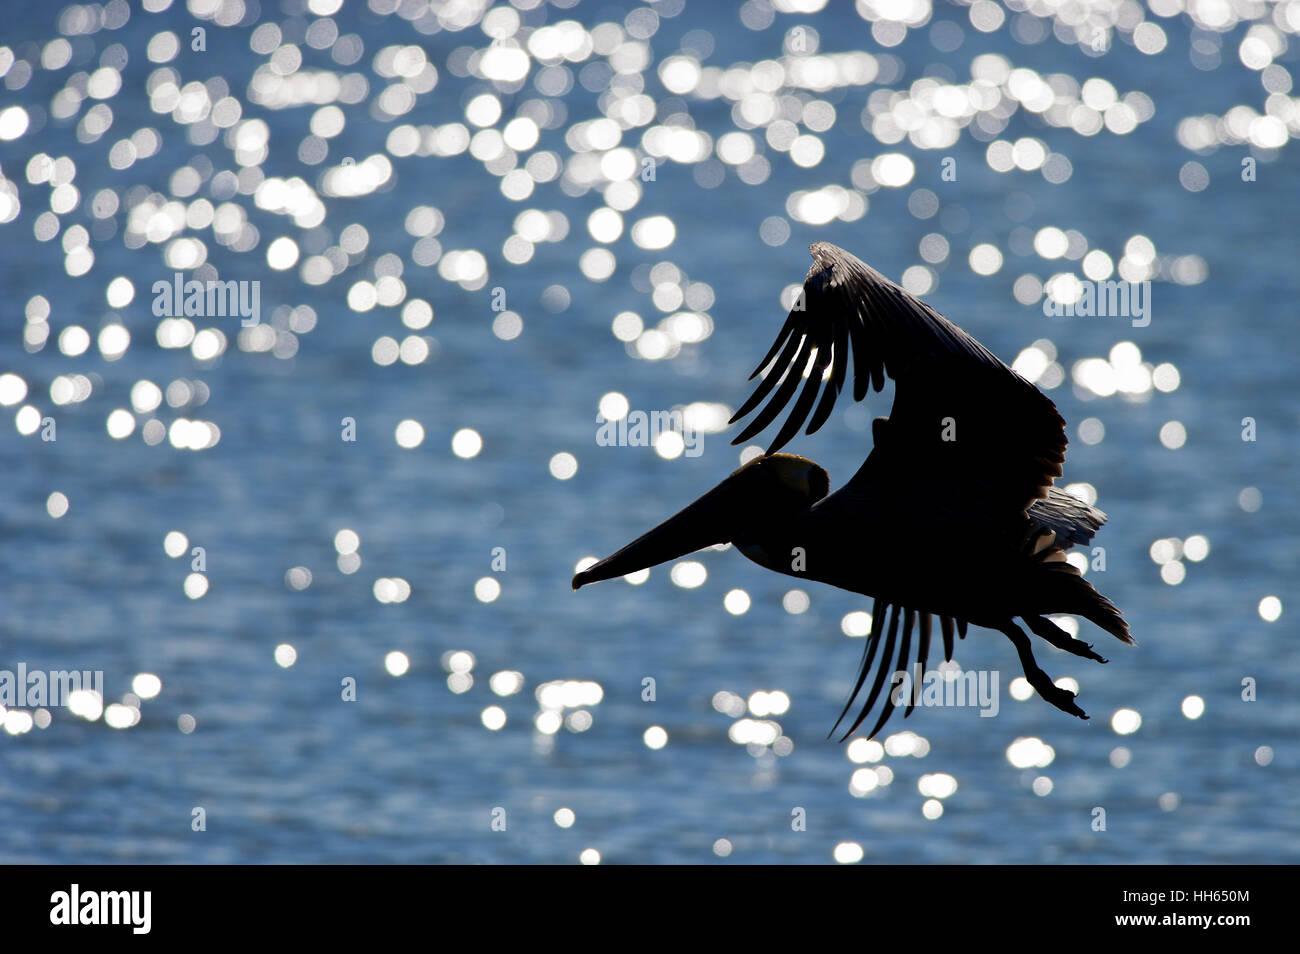 Ein brauner Pelikan fliegt vor glitzernden blauen Wasser an einem sonnigen Tag. Stockbild